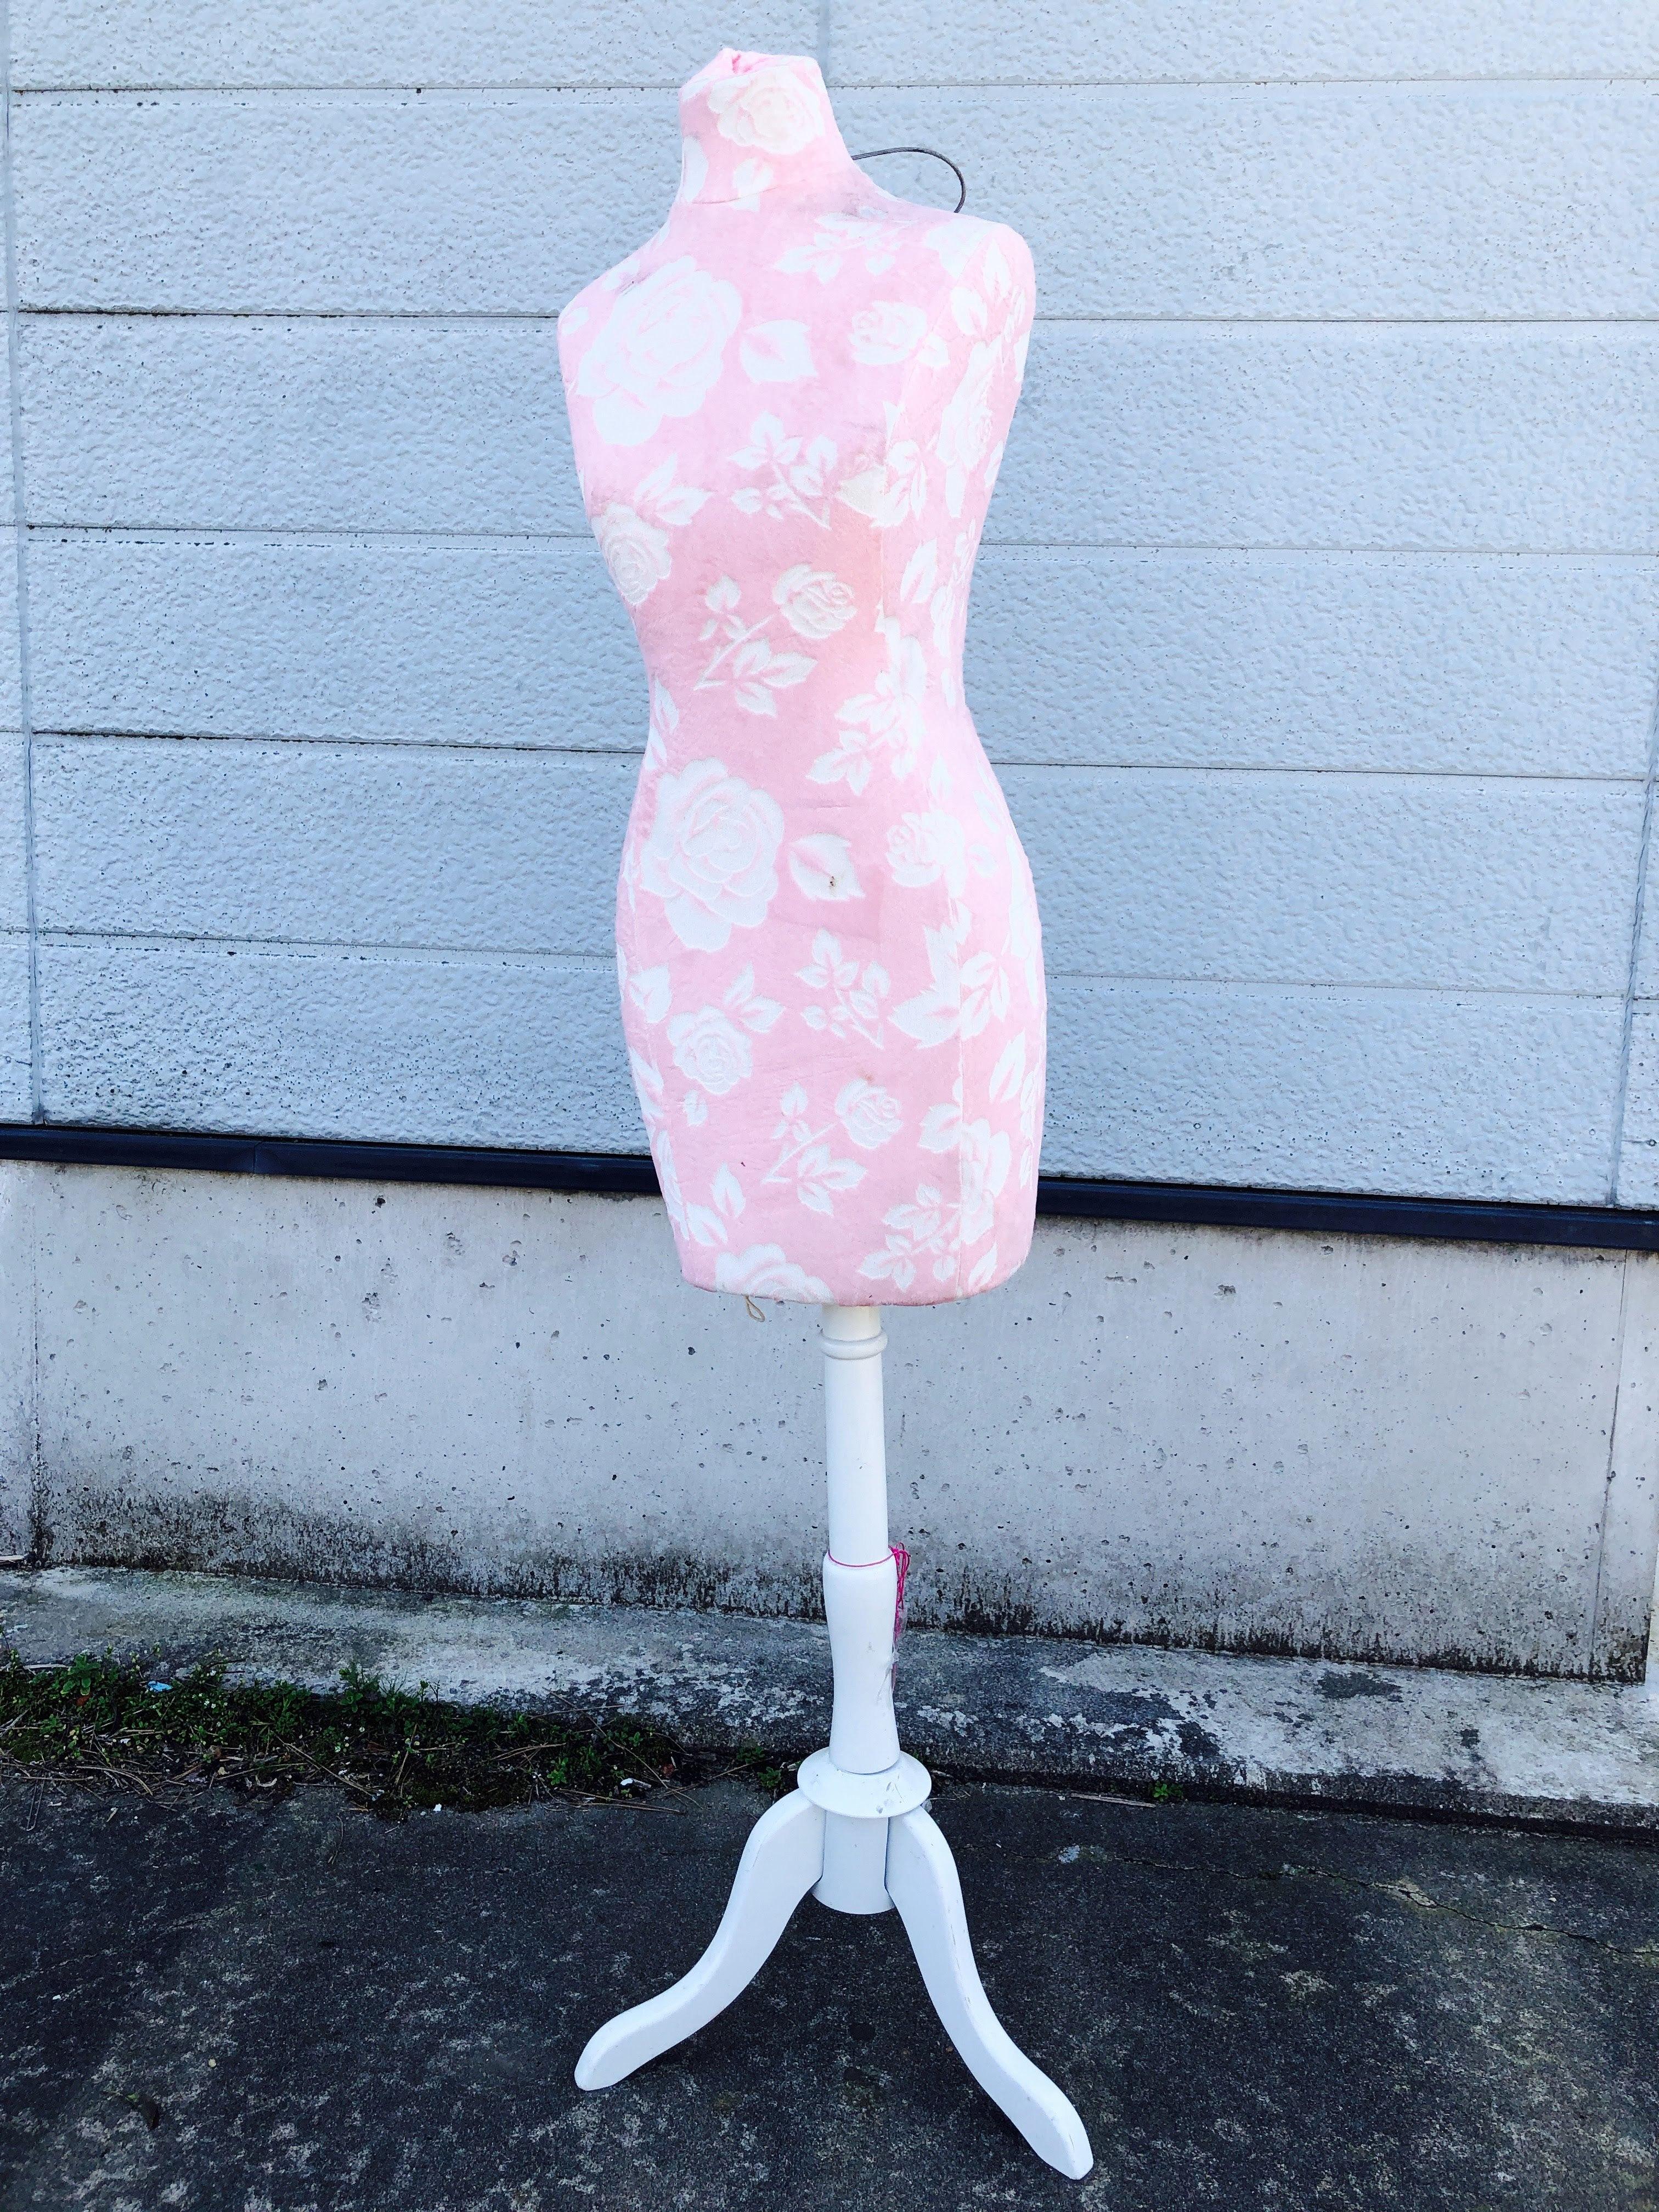 品番0884 トルソー マネキン ボディー ピンク 花柄 ディスプレイ アンティーク ヴィンテージ